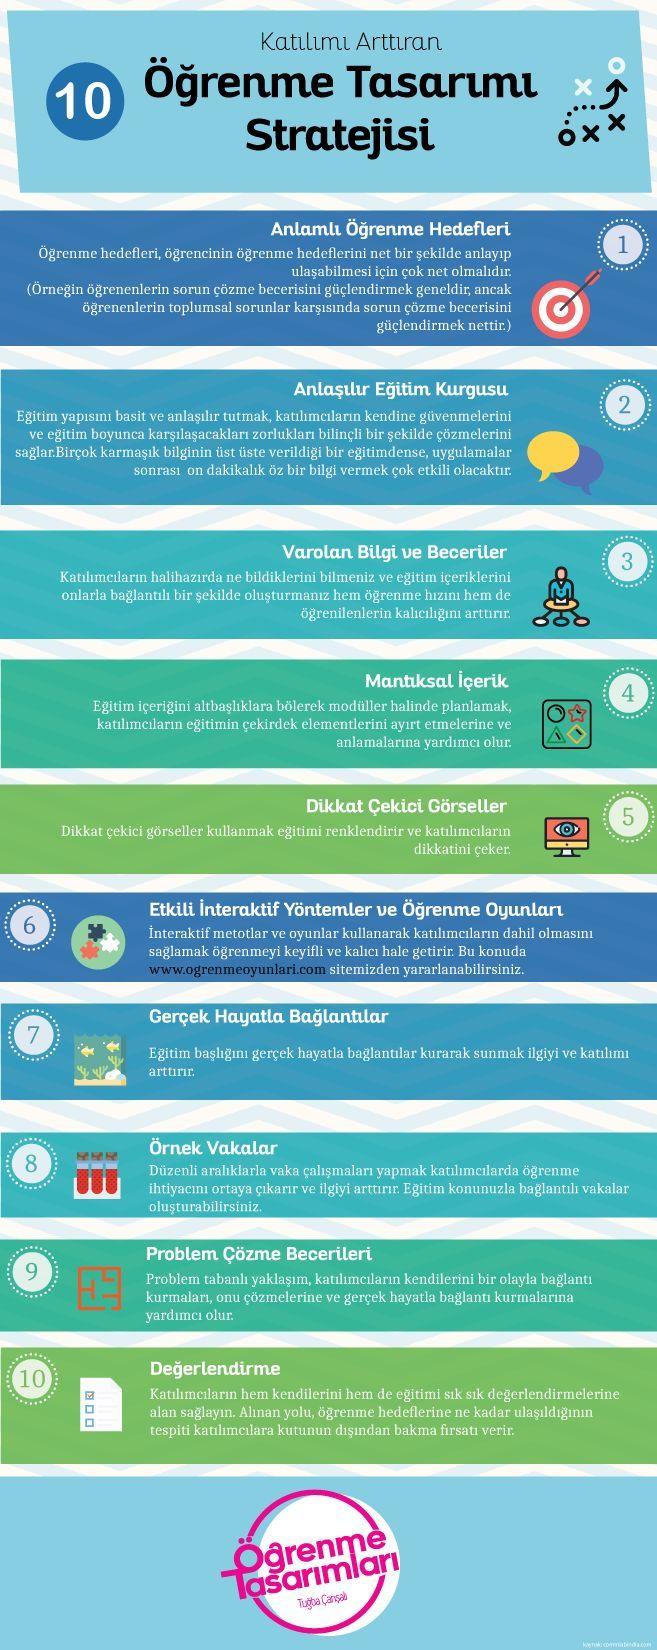 Siz eğitimlerinizi nasıl tasarlıyorsunuz? İyi bir öğrenme deneyimi için ipuçları... http://www.tugbacansali.com/10-ogrenme-tasarimi-stratejisi [] #<br/> # #A<br/>